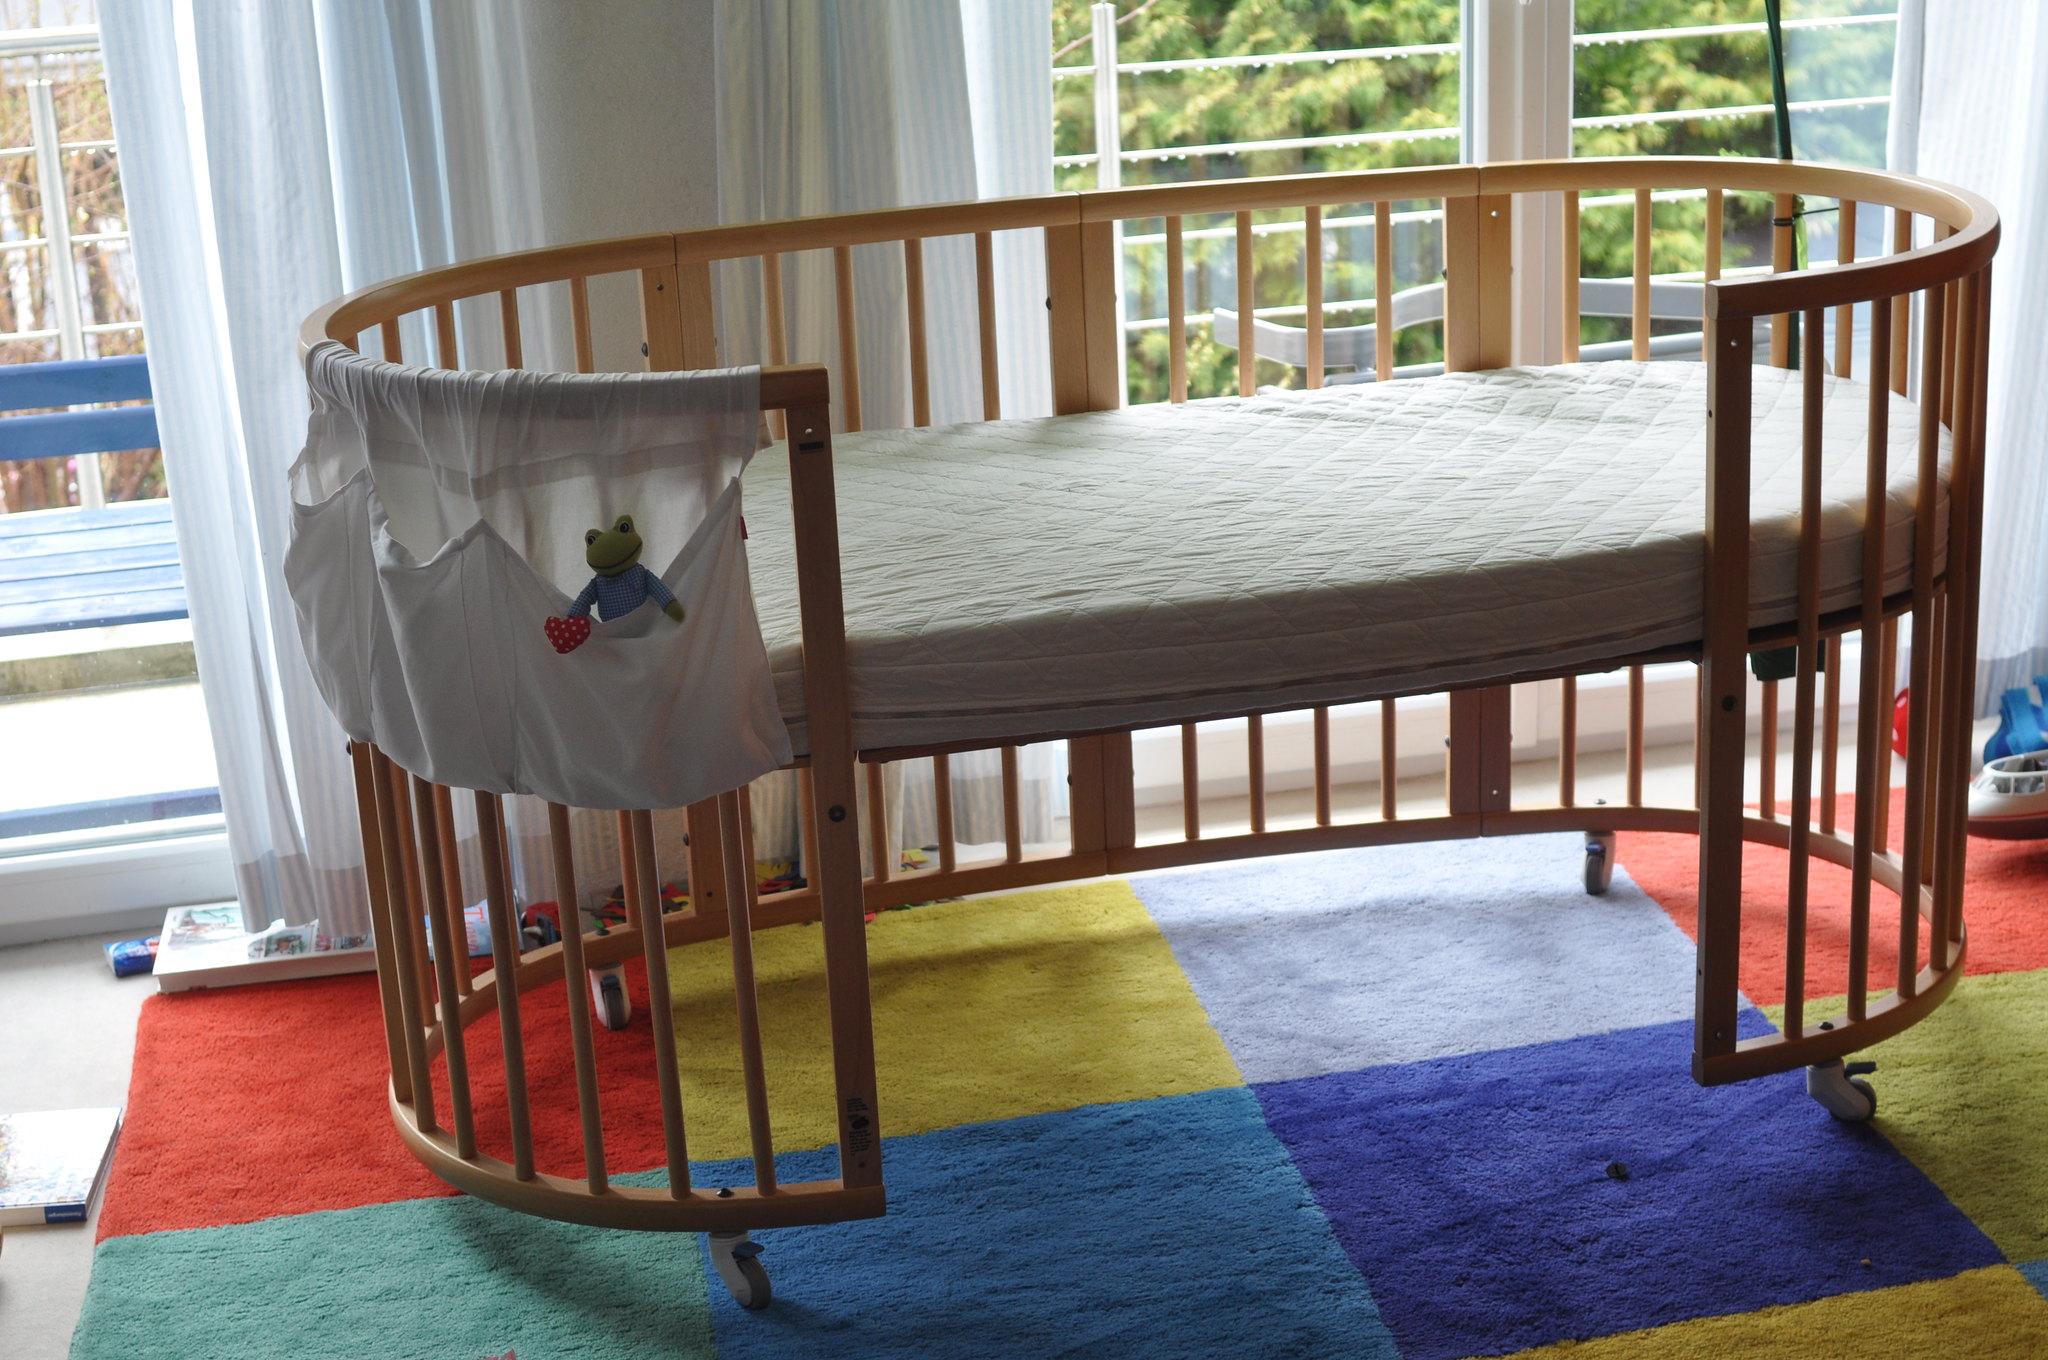 Babybett Matratze: Test & Empfehlungen (01/21)